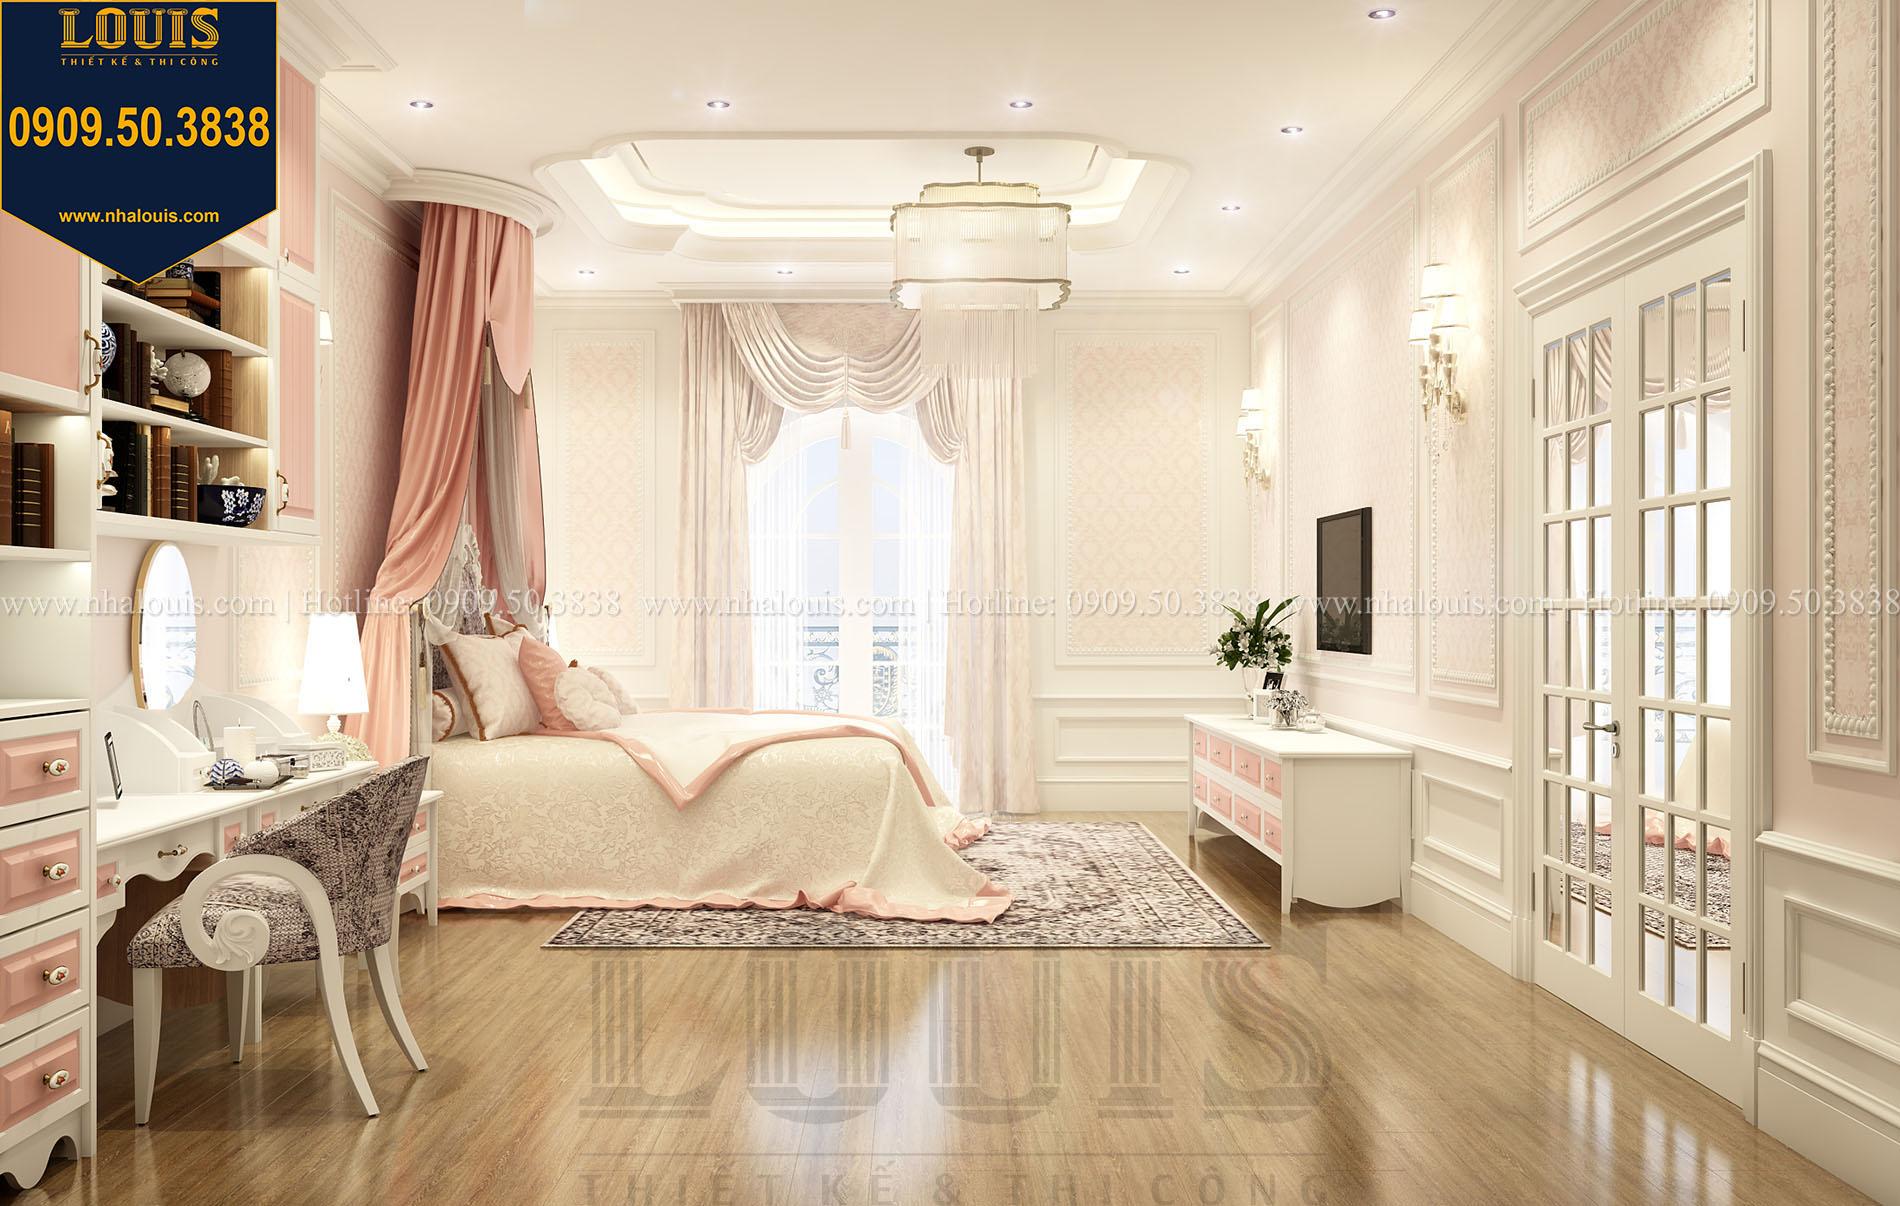 Phòng ngủ con gái Biệt thự Châu Âu cổ điển chuẩn sang chảnh tại Nhà Bè - 021